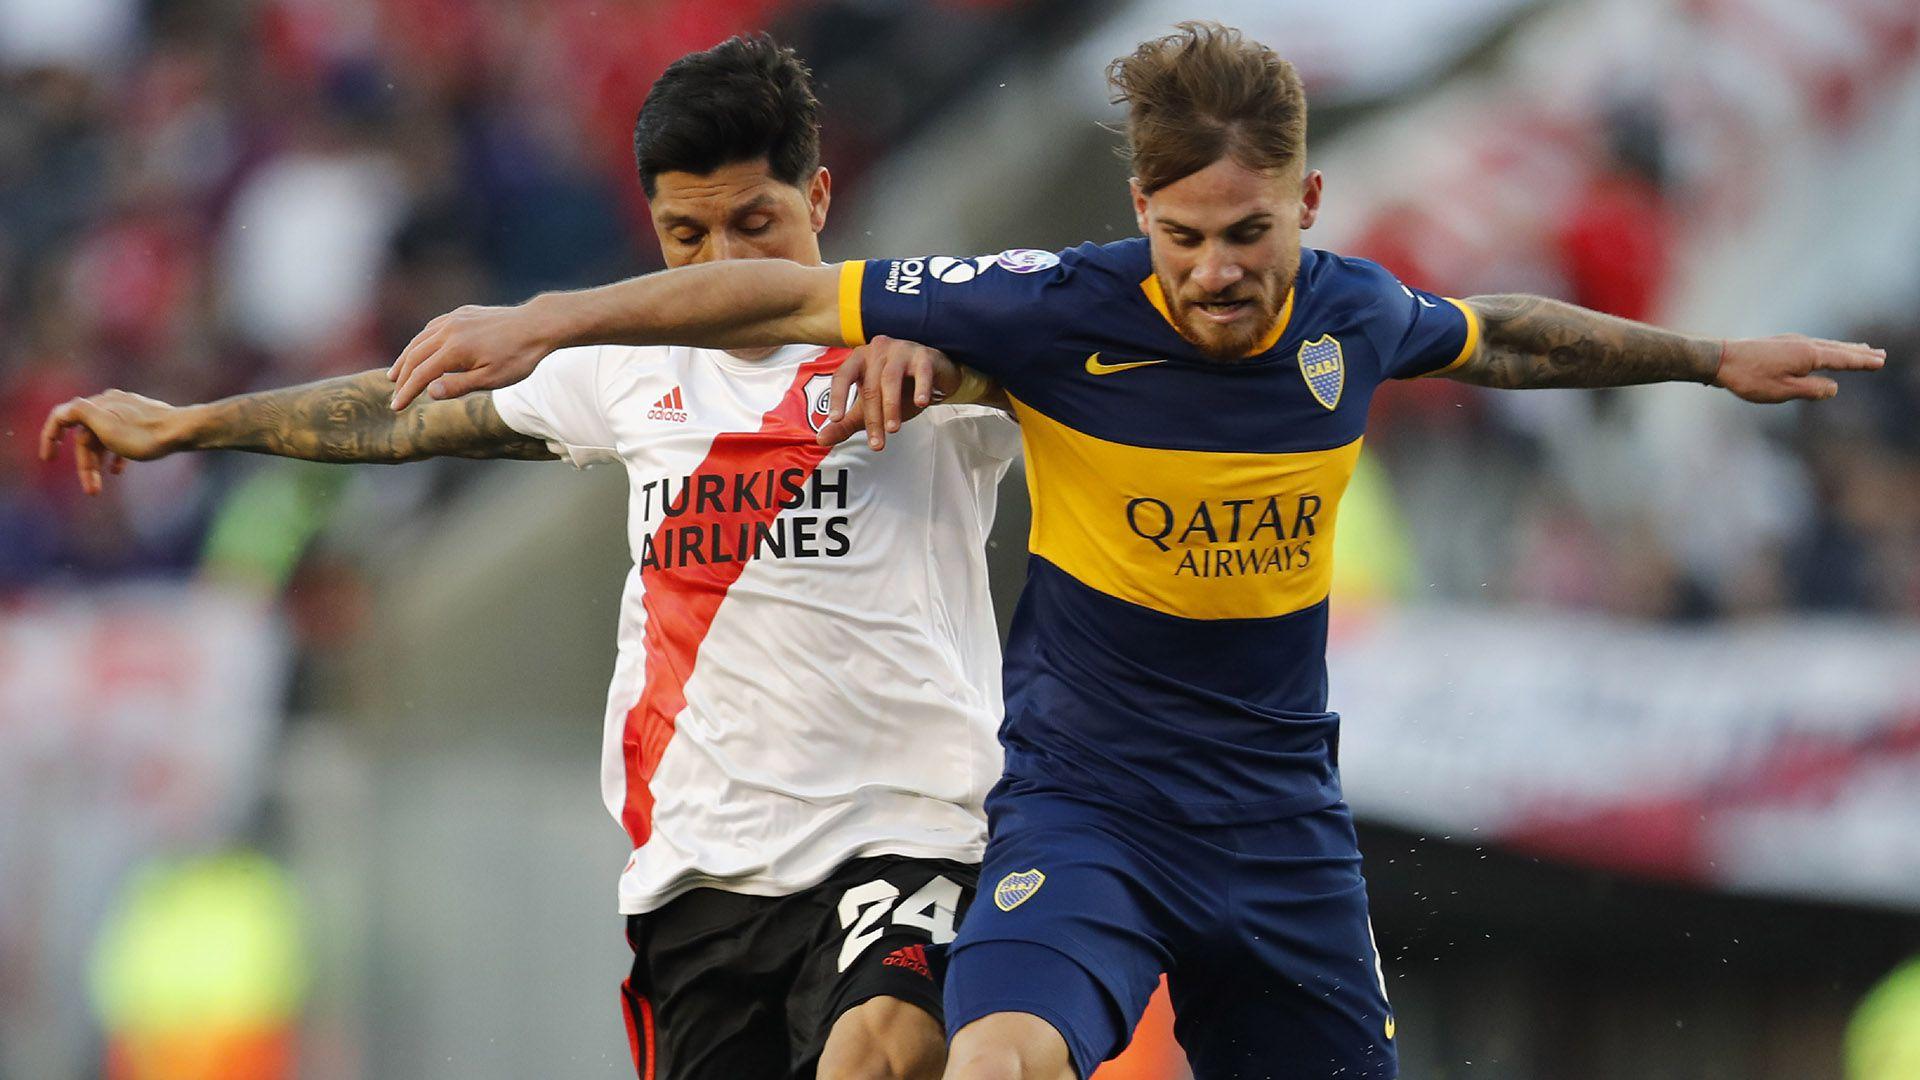 La solidez de Enzo Pérez y el despliegue de Alexis Mac Allister fue de lo mejor del partido, sin dudas las figuras de cada equipo